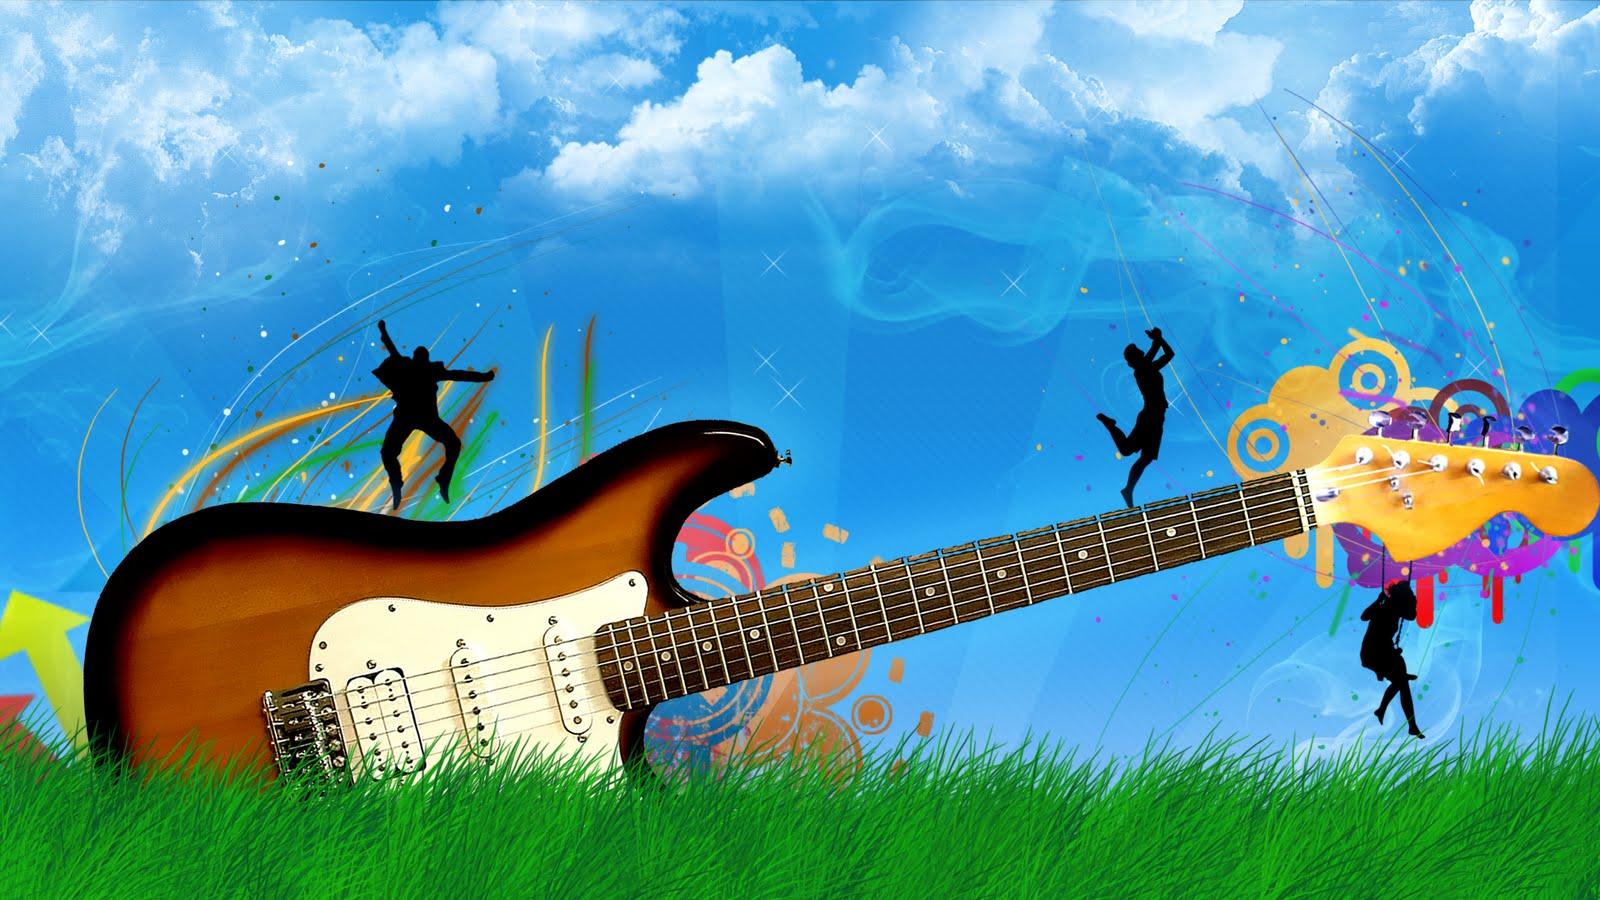 http://4.bp.blogspot.com/-EG45cae738k/TjZLgexXQxI/AAAAAAAAAEU/a1AVilxsuRI/s1600/Guitar_vector_hd_wallpaper.jpg